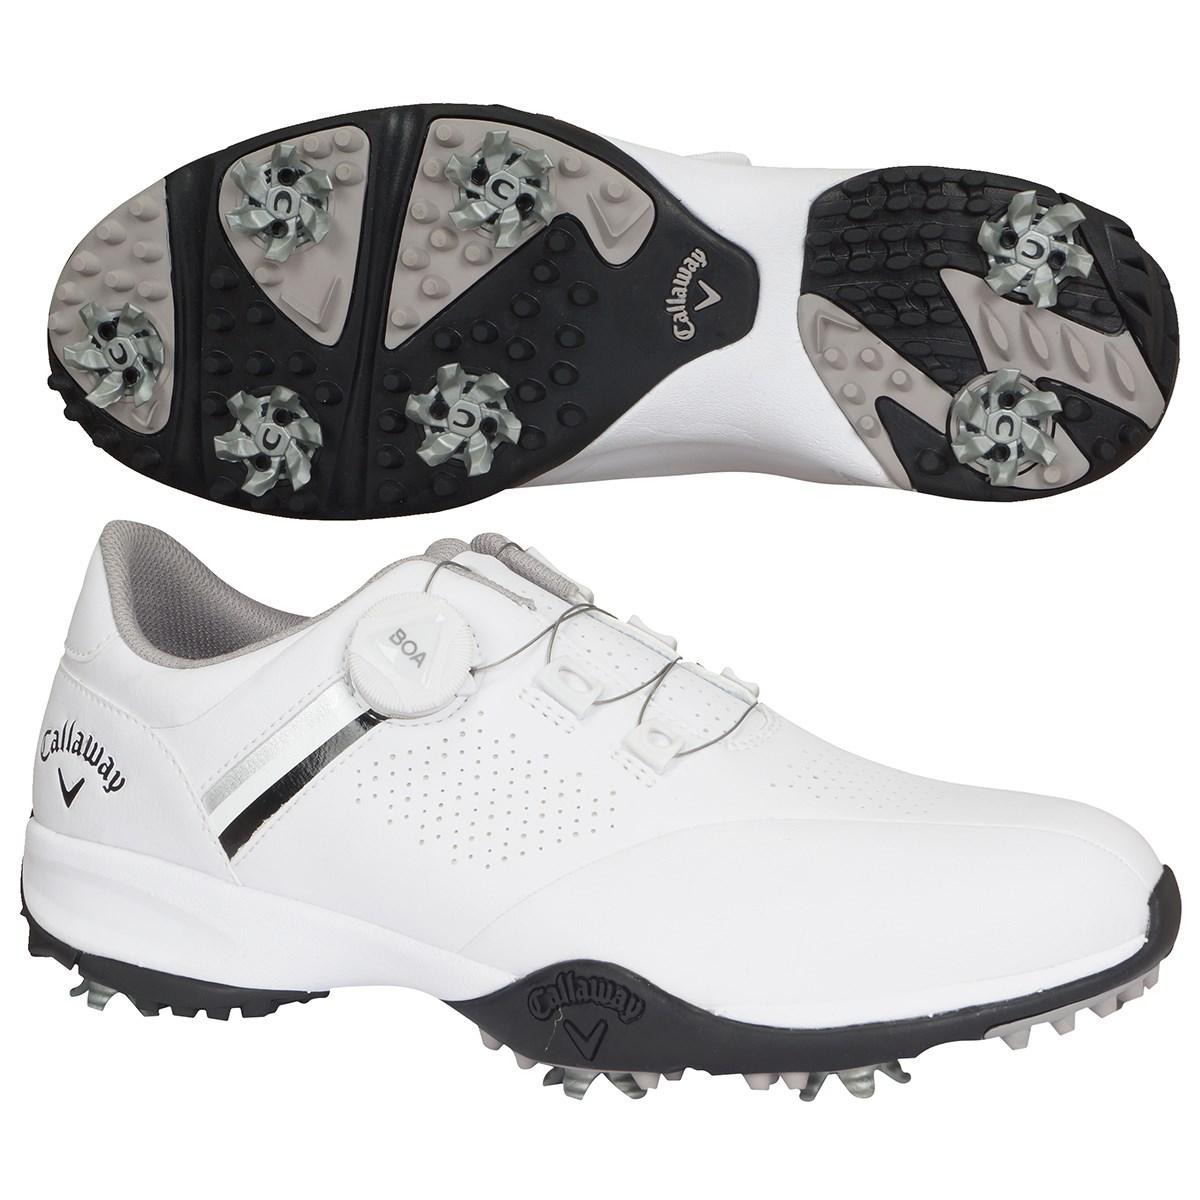 キャロウェイゴルフ Callaway Golf AEROSPORT BOA 20 ゴルフシューズ 25.5cm ホワイト/ブラック 032